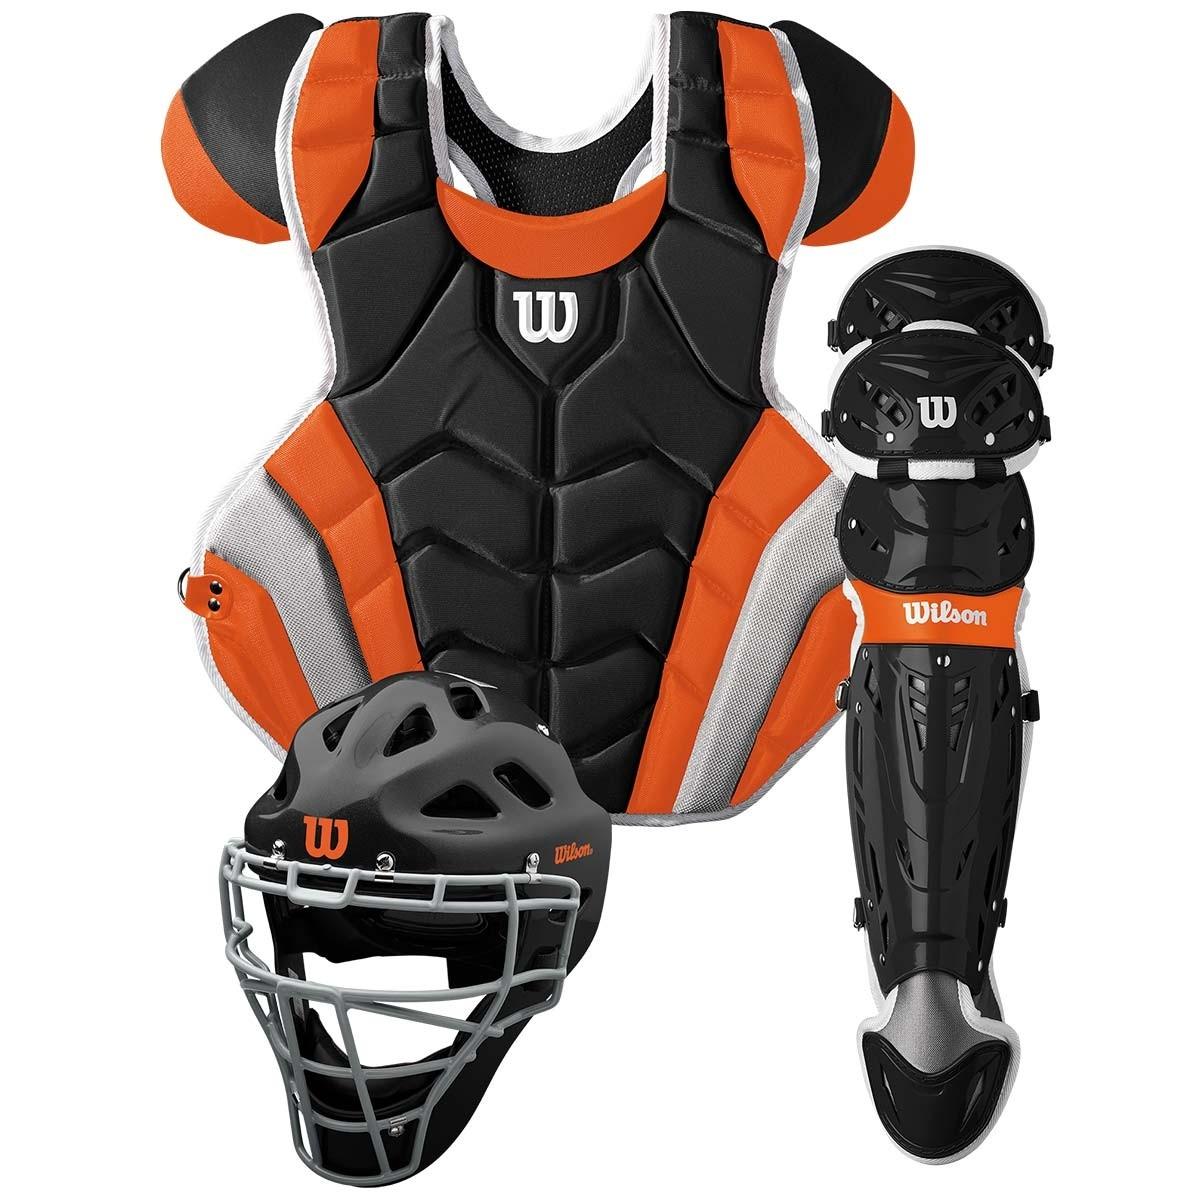 送料無料 ウィルソン WILSON 硬式野球用 キャッチャーセット ブラック×オレンジ C1K Catcher's Gear Kit - Adult マスク・プロテクター・レガース